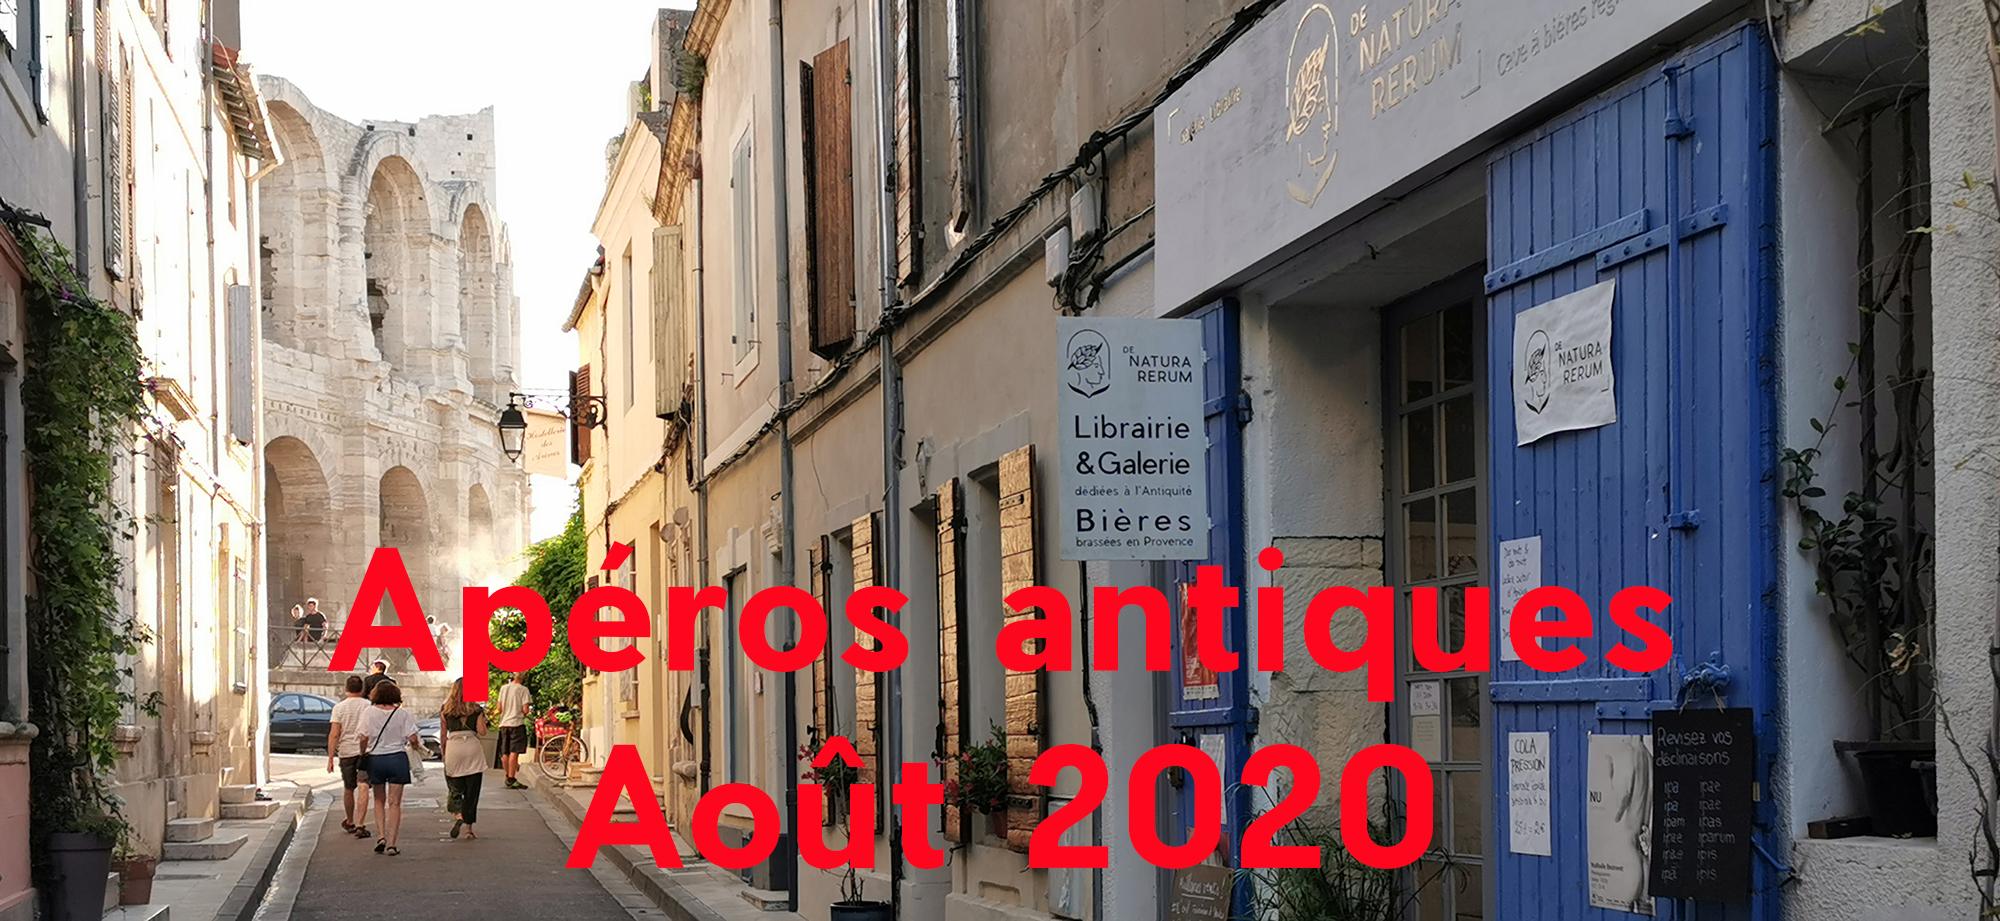 Apéros antiques De natura rerum août 2020